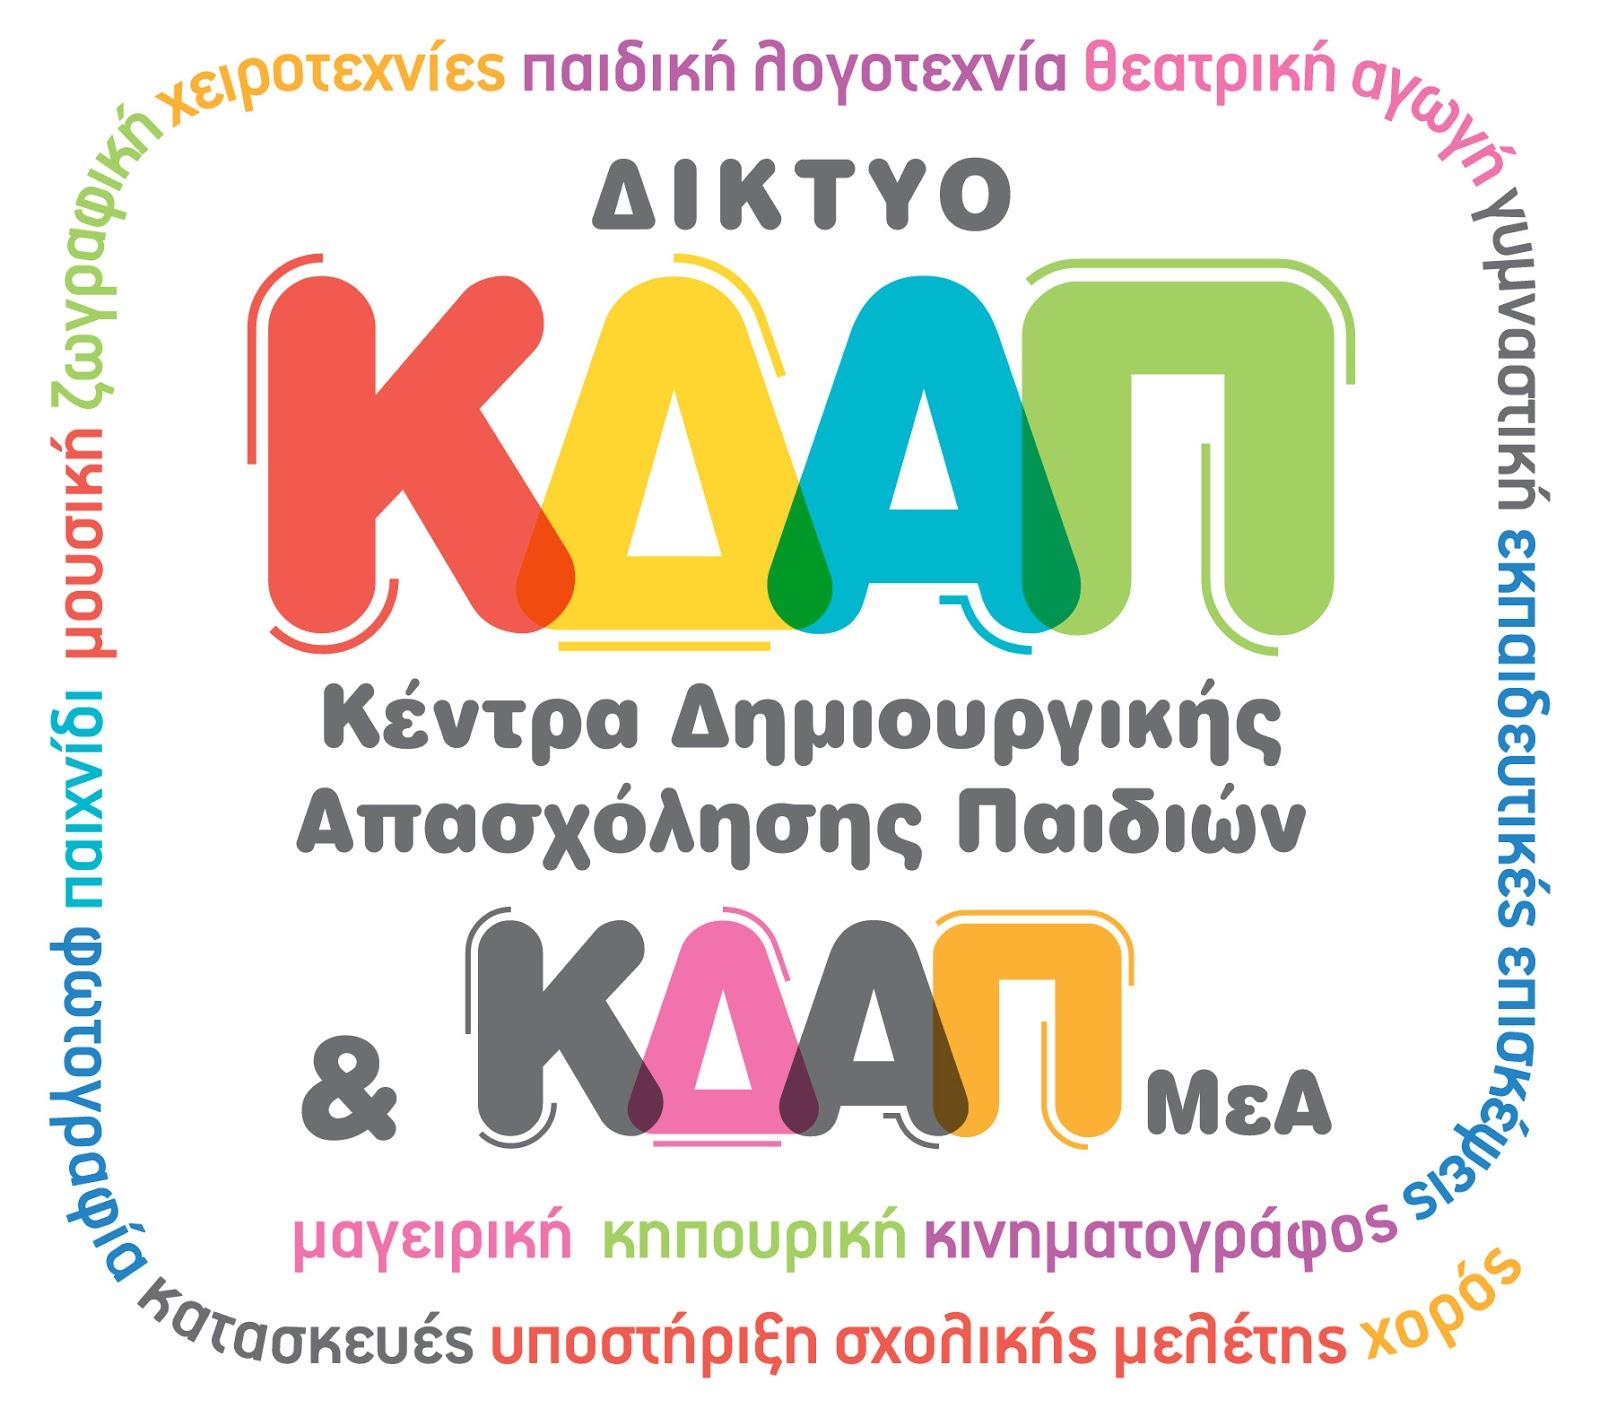 Ξεκίνησαν τη λειτουργία τους  τα Κέντρα Δημιουργικής  Απασχόλησης (ΚΔΑΠ) και τα ΚΔΑΠΜΕΑ του Δήμου Λαρισαίων